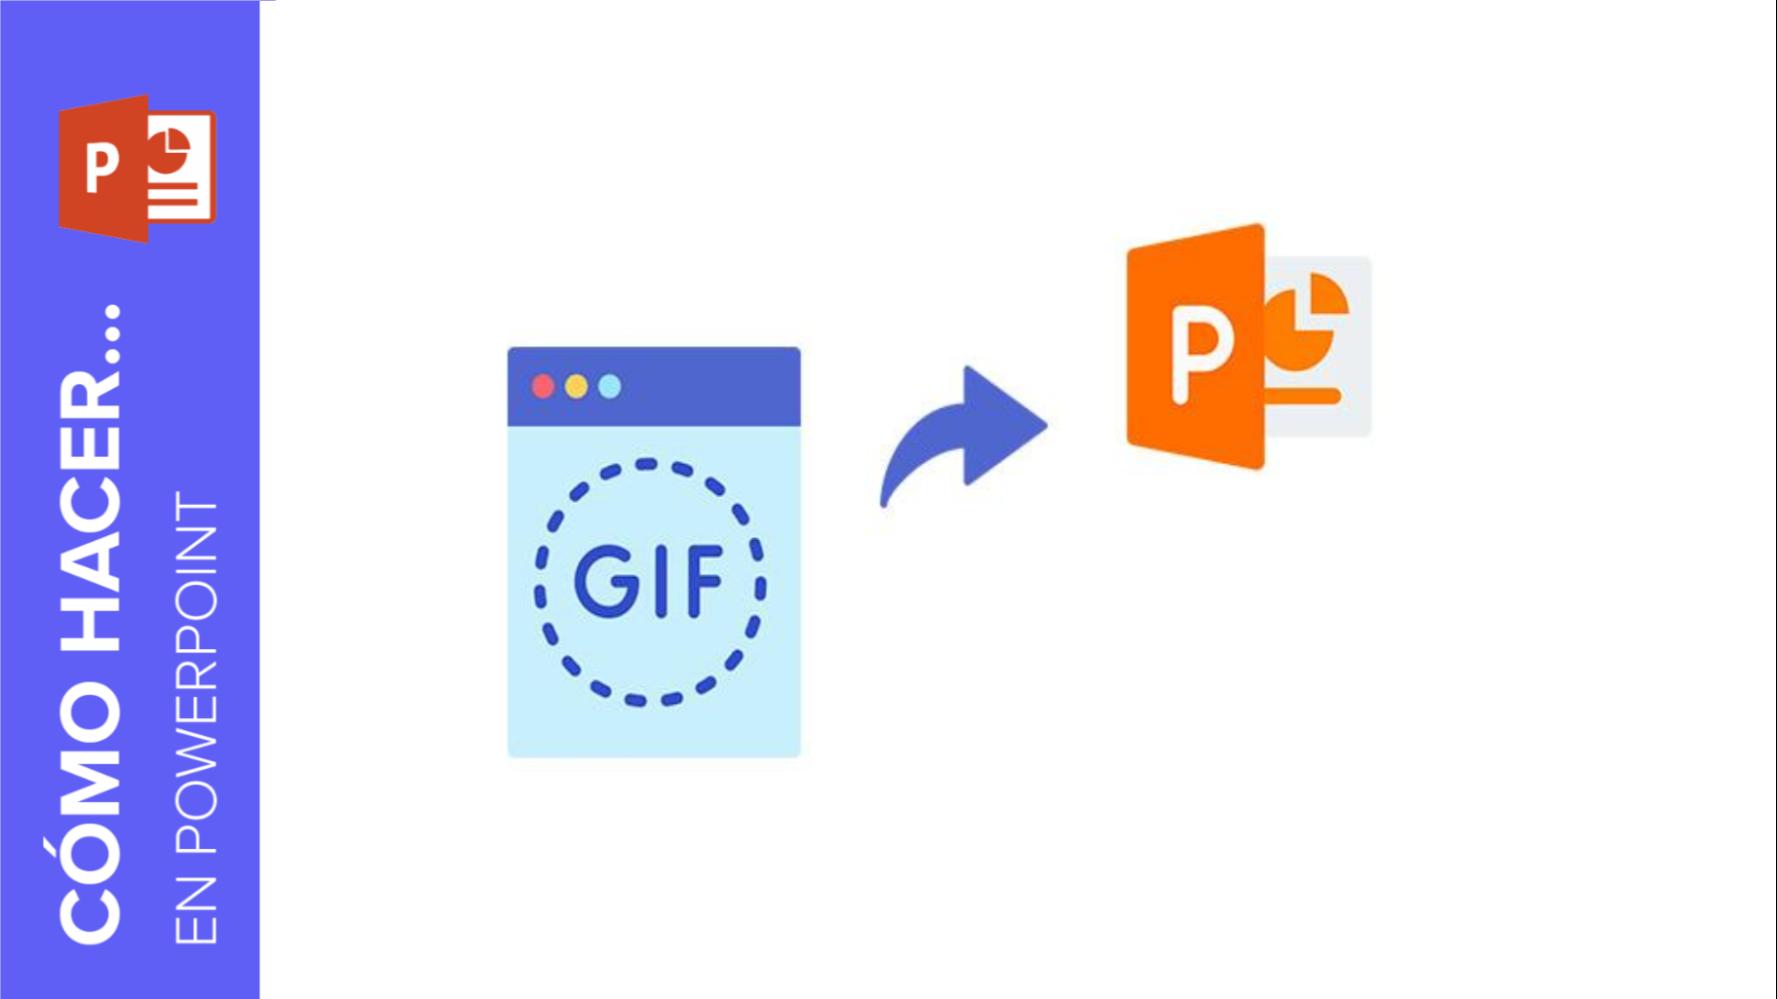 Cómo insertar un GIF en una presentación de PowerPoint   Tutoriales y Tips para tus presentaciones